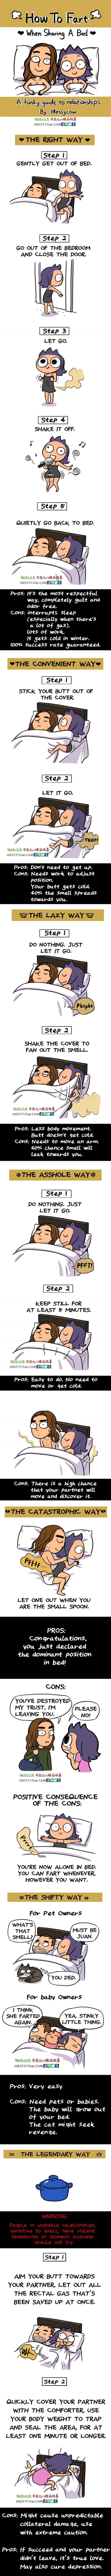 Eine Furz-Anleitung für Paare im Bett | Lustiges | Was is hier eigentlich los?